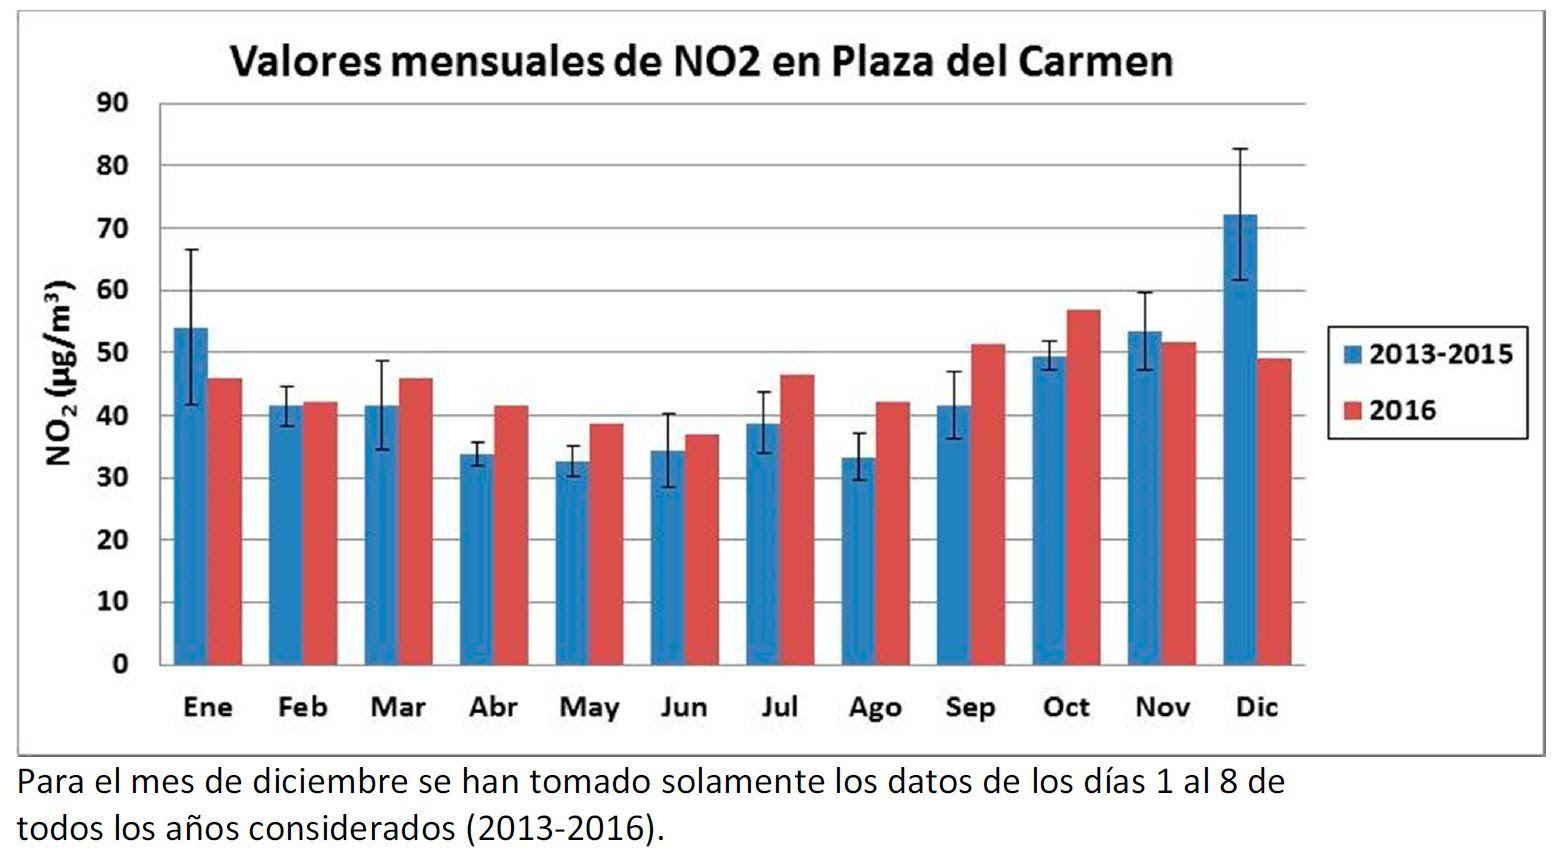 Valores mensuales de NO2 registrados en Plaza del Carmen | ECOLOGISTAS EN ACCIÓN